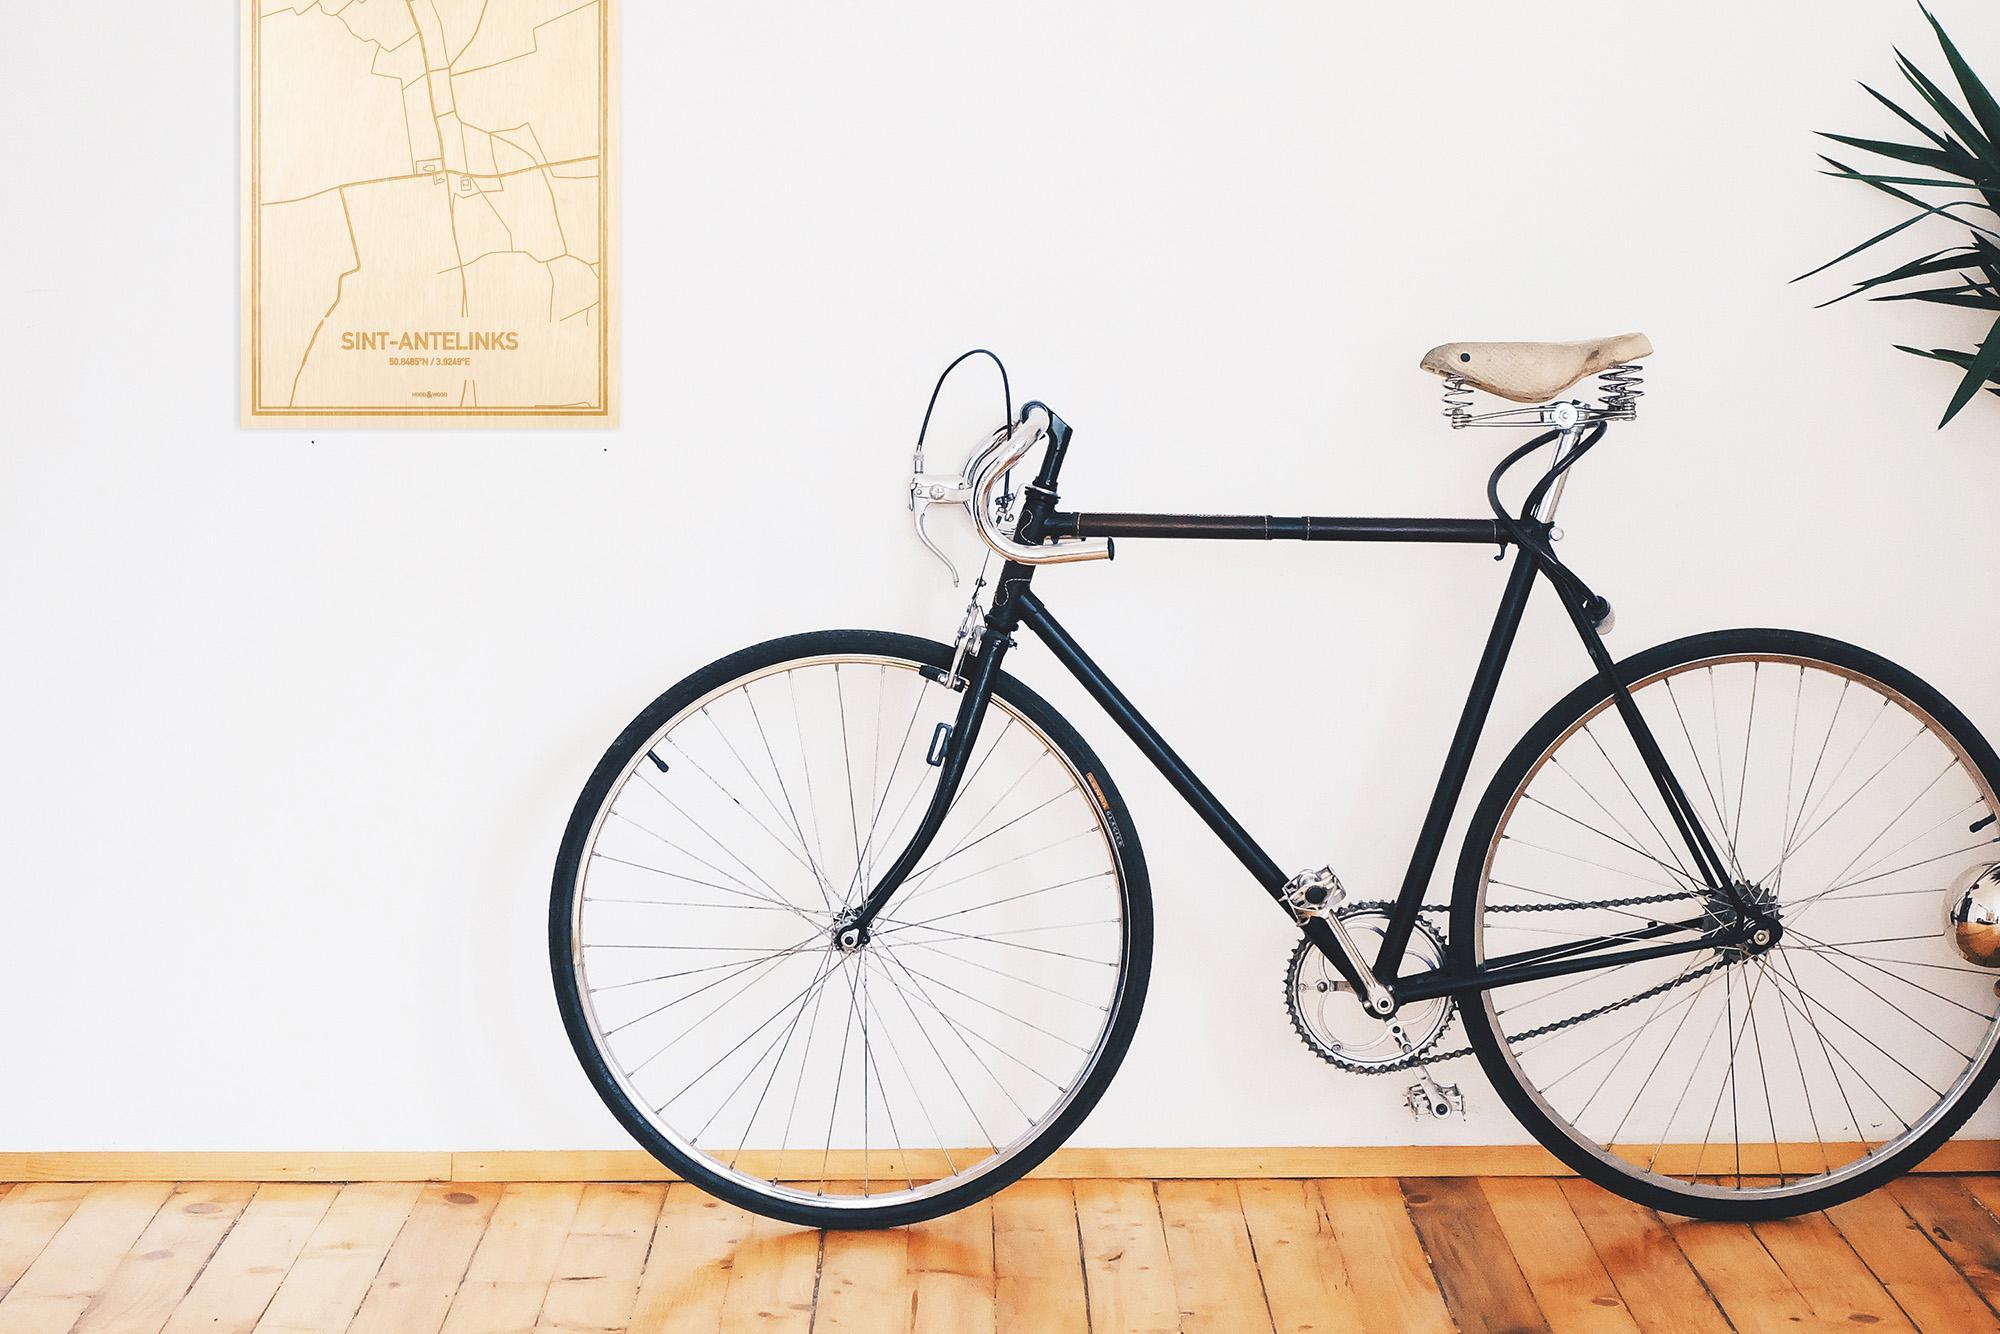 Een snelle fiets in een uniek interieur in Oost-Vlaanderen  met mooie decoratie zoals de plattegrond Sint-Antelinks.